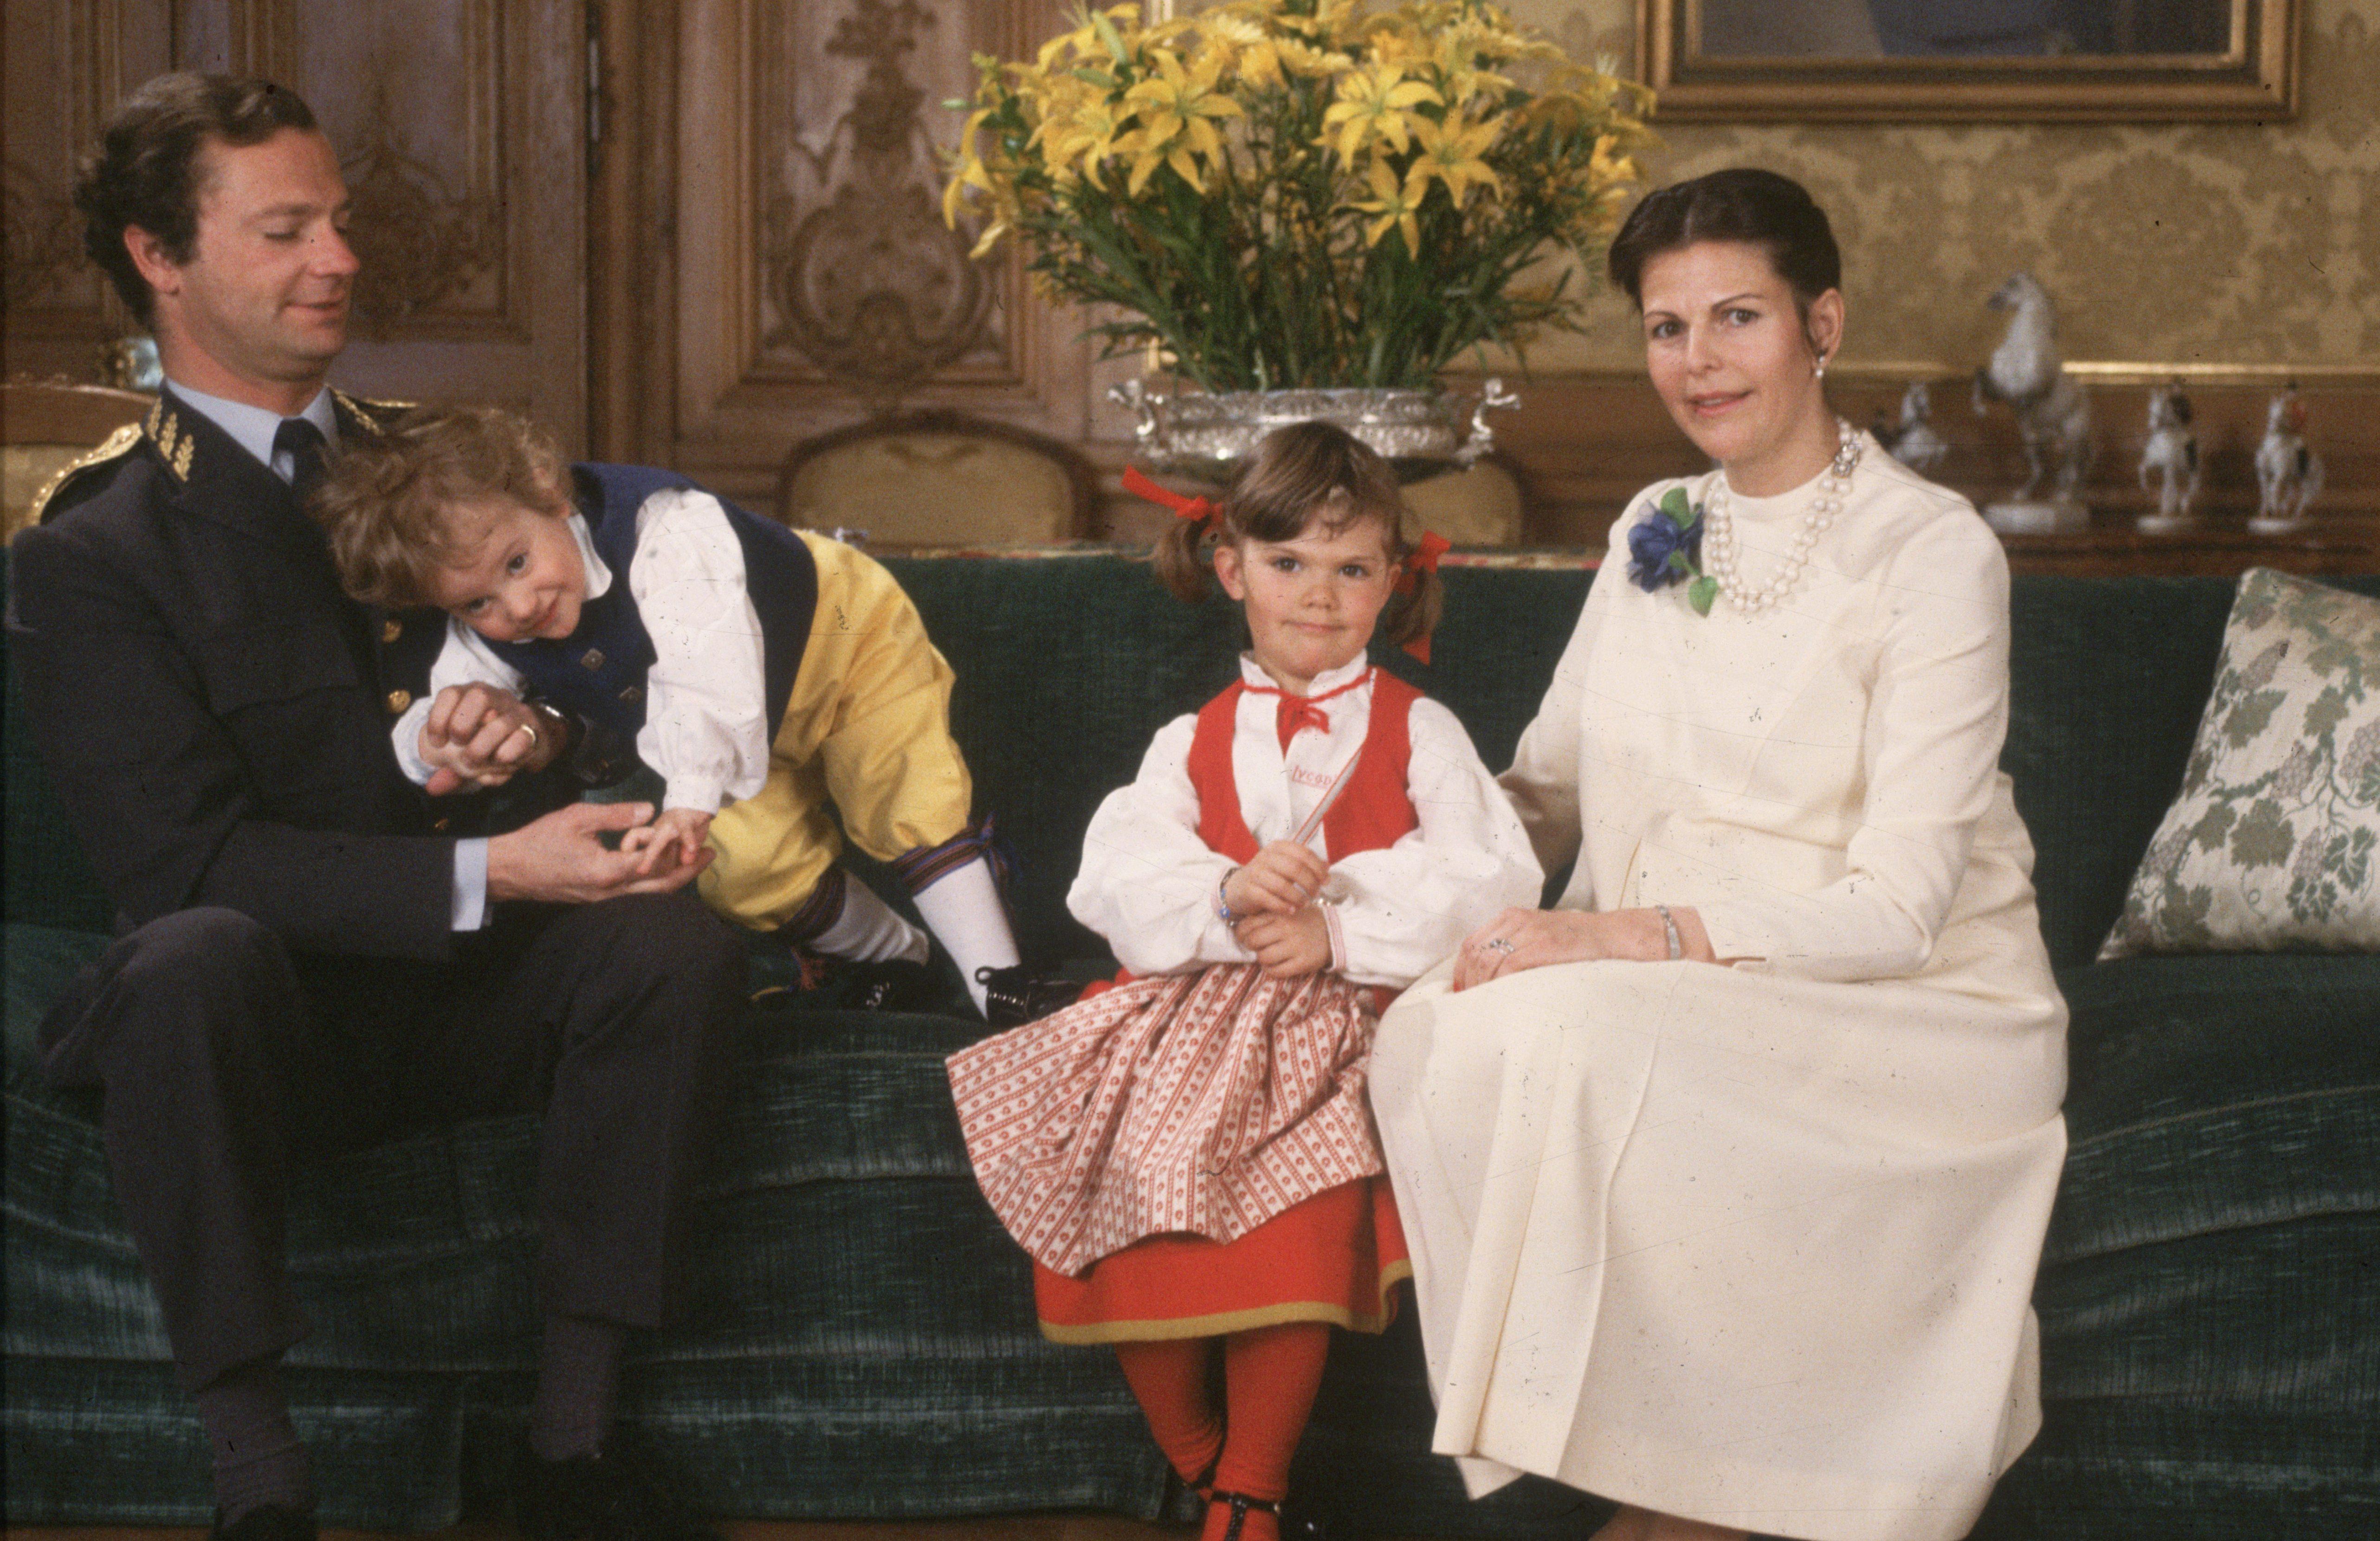 Шведские семьи онлайн, Шведская семья - поиск по лучшим видео (видеороликам) 12 фотография